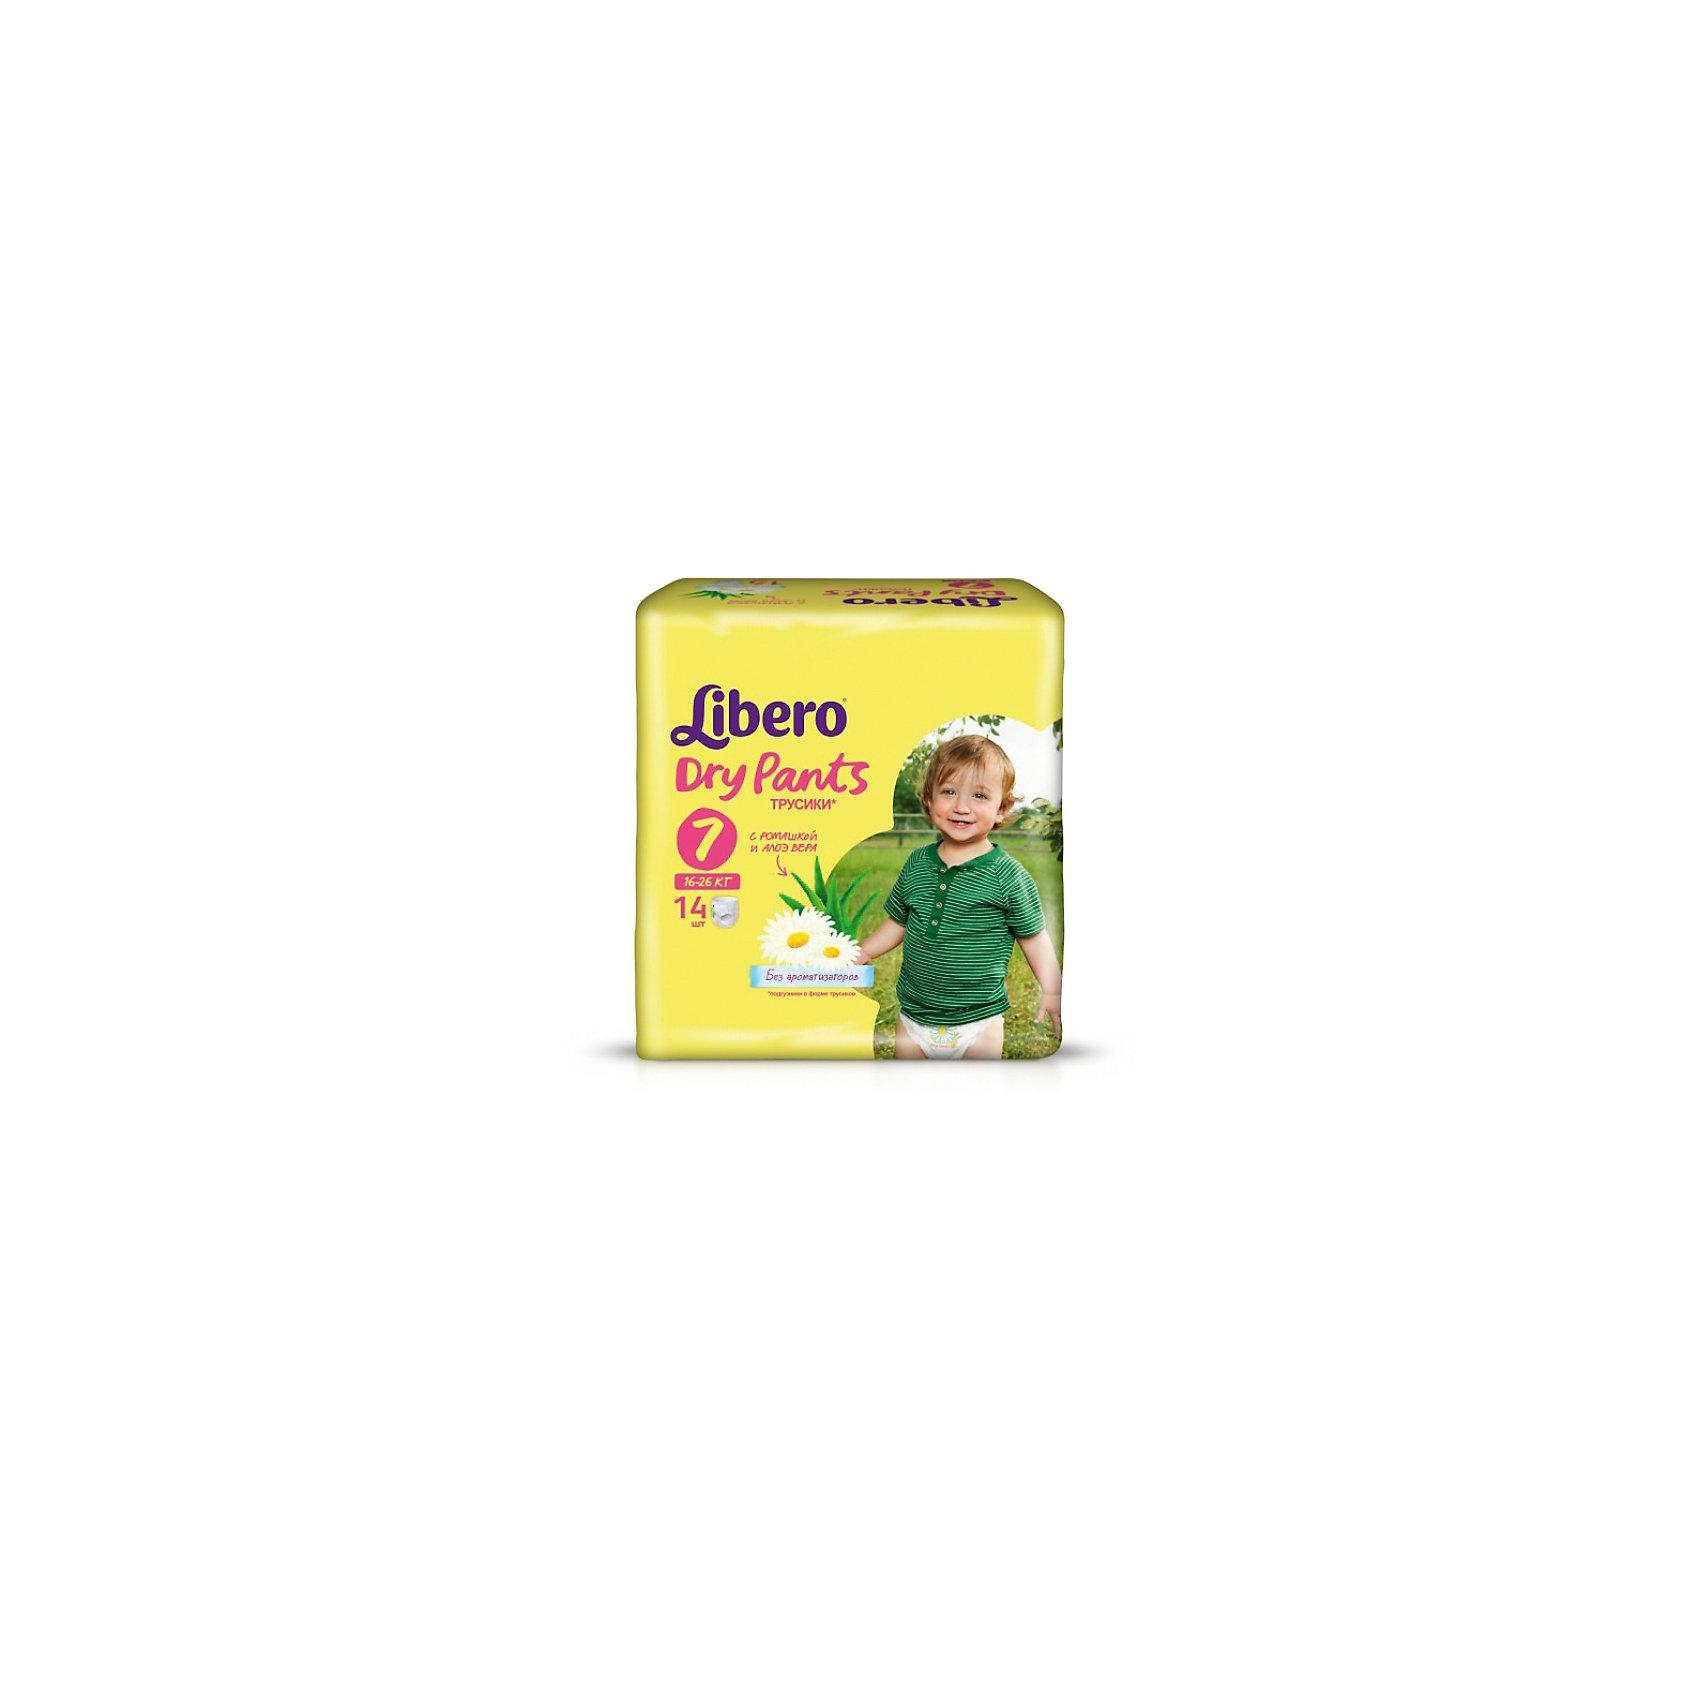 Трусики Libero Dry Pants, XL Plus 16-26 кг, 14 шт.Трусики-подгузники Libero Dry Pants (Либеро Драй Пентс) Size 7 (16-26кг), 14 шт.<br><br>Характеристики: <br><br>• легко надевать<br>• мягкие и тонкие трусики<br>• отлично впитывают и удерживают влагу<br>• содержат экстракт ромашки<br>• тянущийся поясок из дышащих материалов<br>• барьеры вокруг ножек защищают от протекания<br>• не сковывают движений<br>• легко снимать и сворачивать<br>• размер: 7 (16-26 кг)<br>• количество в упаковке: 14 шт.<br><br>Если ваш малыш не любит спокойно ждать пока вы его переоденете, то трусики-подгузники Libero Dry Pants станут для вас прекрасным решением. Они легко надеваются, как обычное белье и также легко снимаются при разрывании боковых швов. Трусики очень мягкие и тонкие, при этом они отлично впитывают и удерживают влагу, не стесняя движений крохи. Экстракт ромашки и алоэ успокоит нежную кожу малыша. Высокие барьеры и эластичный поясок препятствуют протеканию.  После использования вы легко сможете свернуть трусики и заклеить из специальной клейкой лентой. Яркая упаковка и привлекательный дизайн превратят процесс переодевания в веселую игру!<br><br>Трусики-подгузники Libero Dry Pants Size 7 (16-26кг), 14 шт. вы можете купить в нашем интернет-магазине.<br><br>Ширина мм: 147<br>Глубина мм: 195<br>Высота мм: 195<br>Вес г: 611<br>Возраст от месяцев: 24<br>Возраст до месяцев: 84<br>Пол: Унисекс<br>Возраст: Детский<br>SKU: 3517631